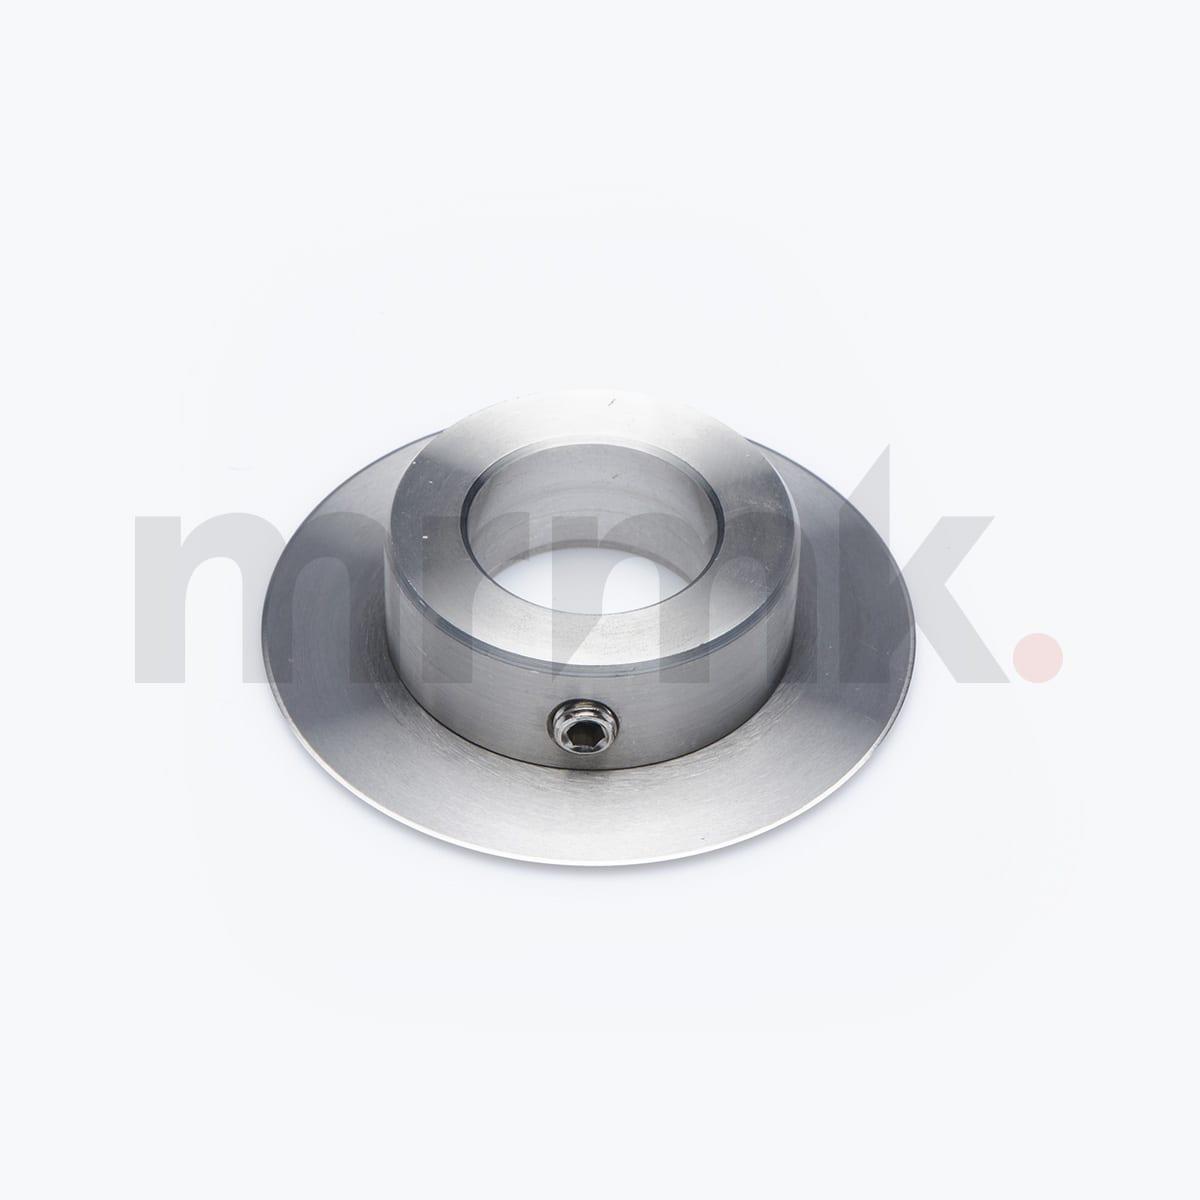 Tiromat / CFS / GEA Compatible